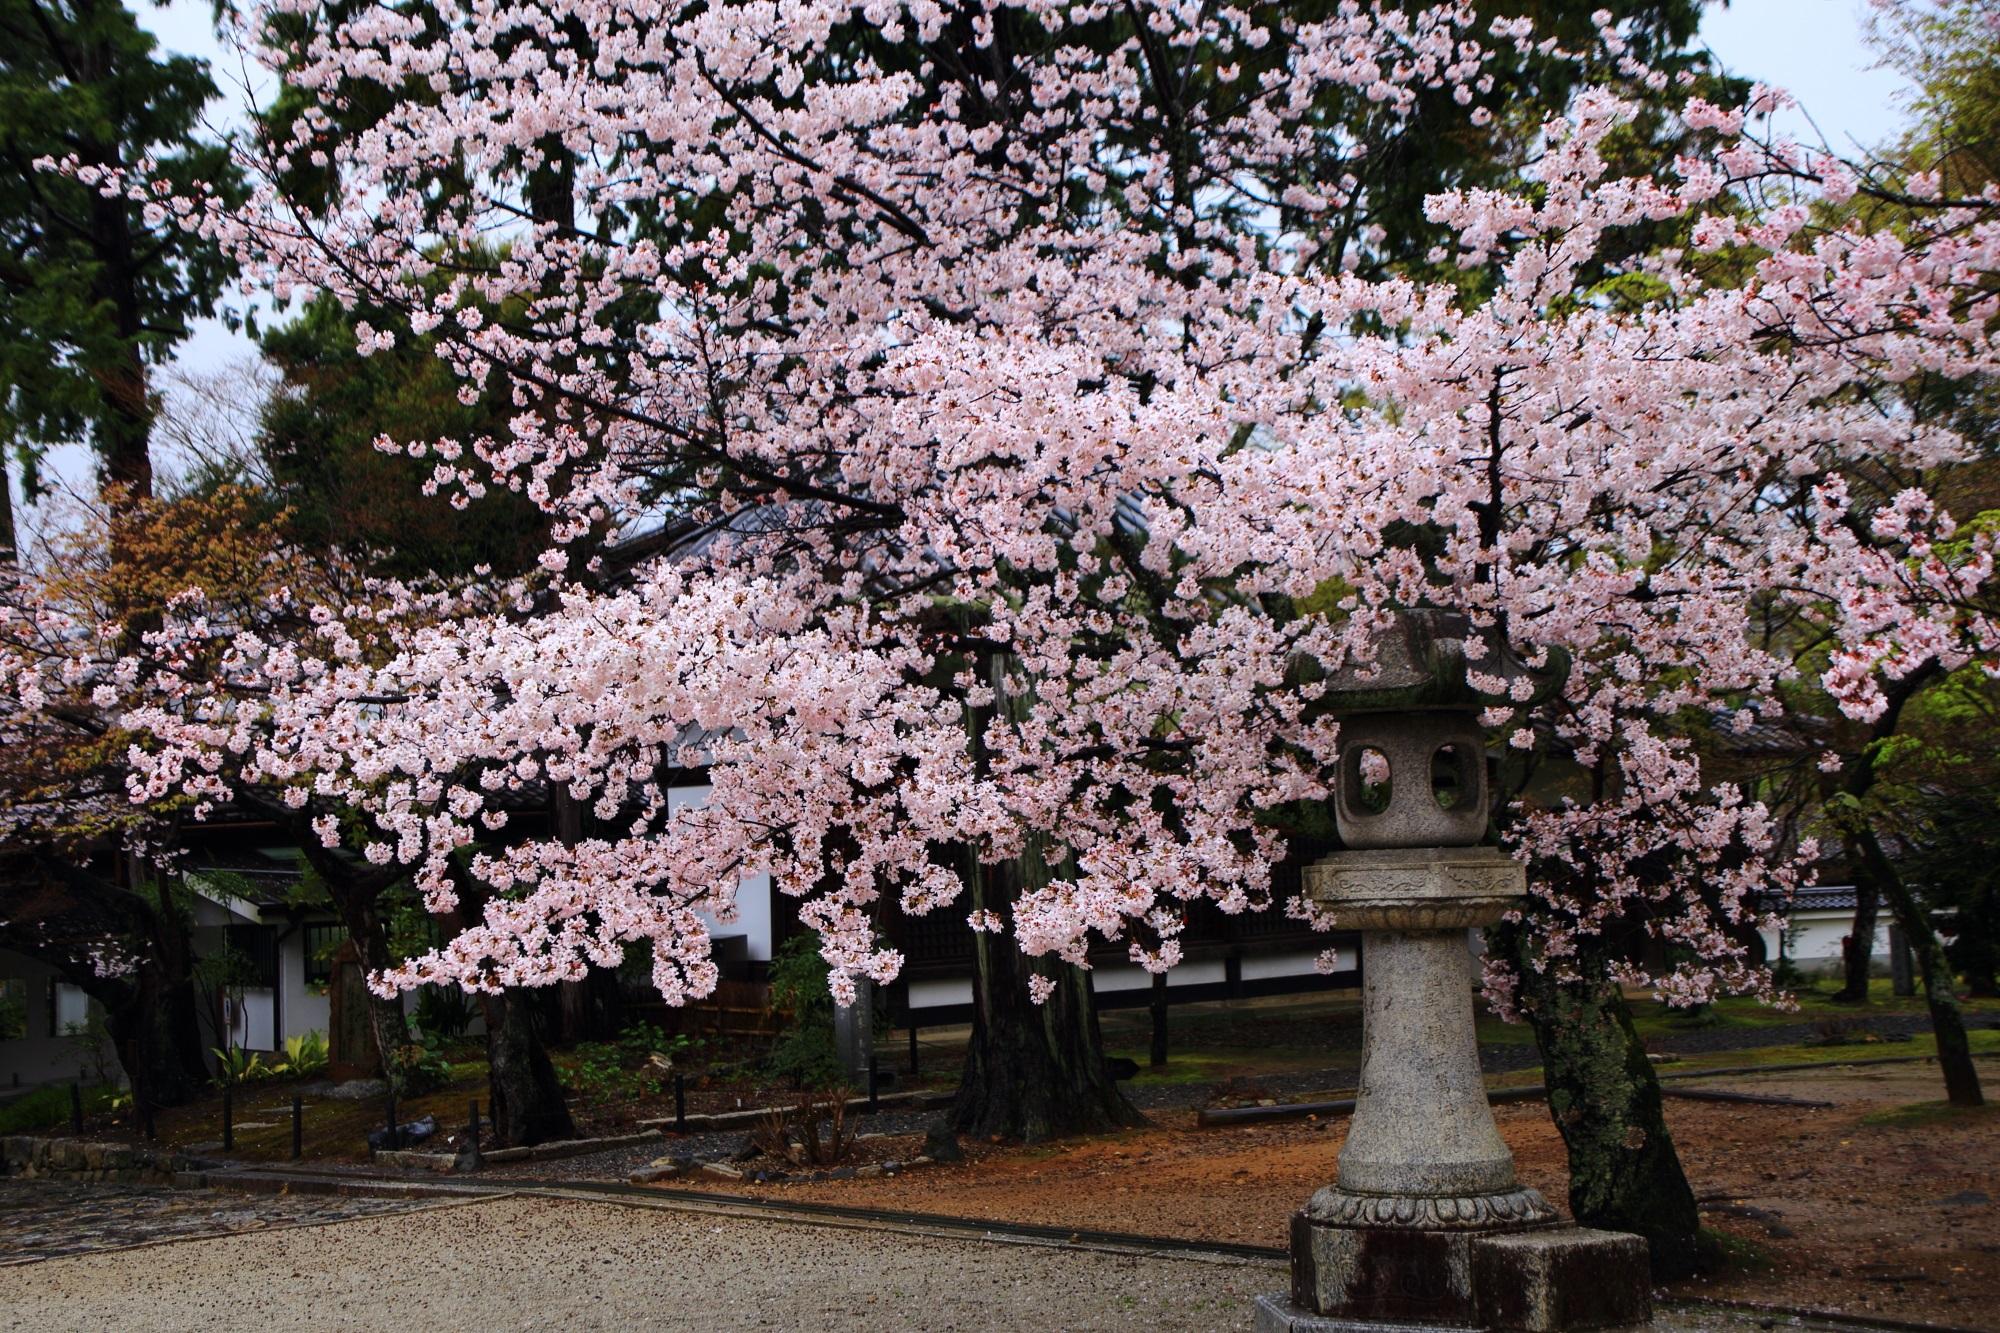 桜の名所の真如堂の満開の桜と燈籠